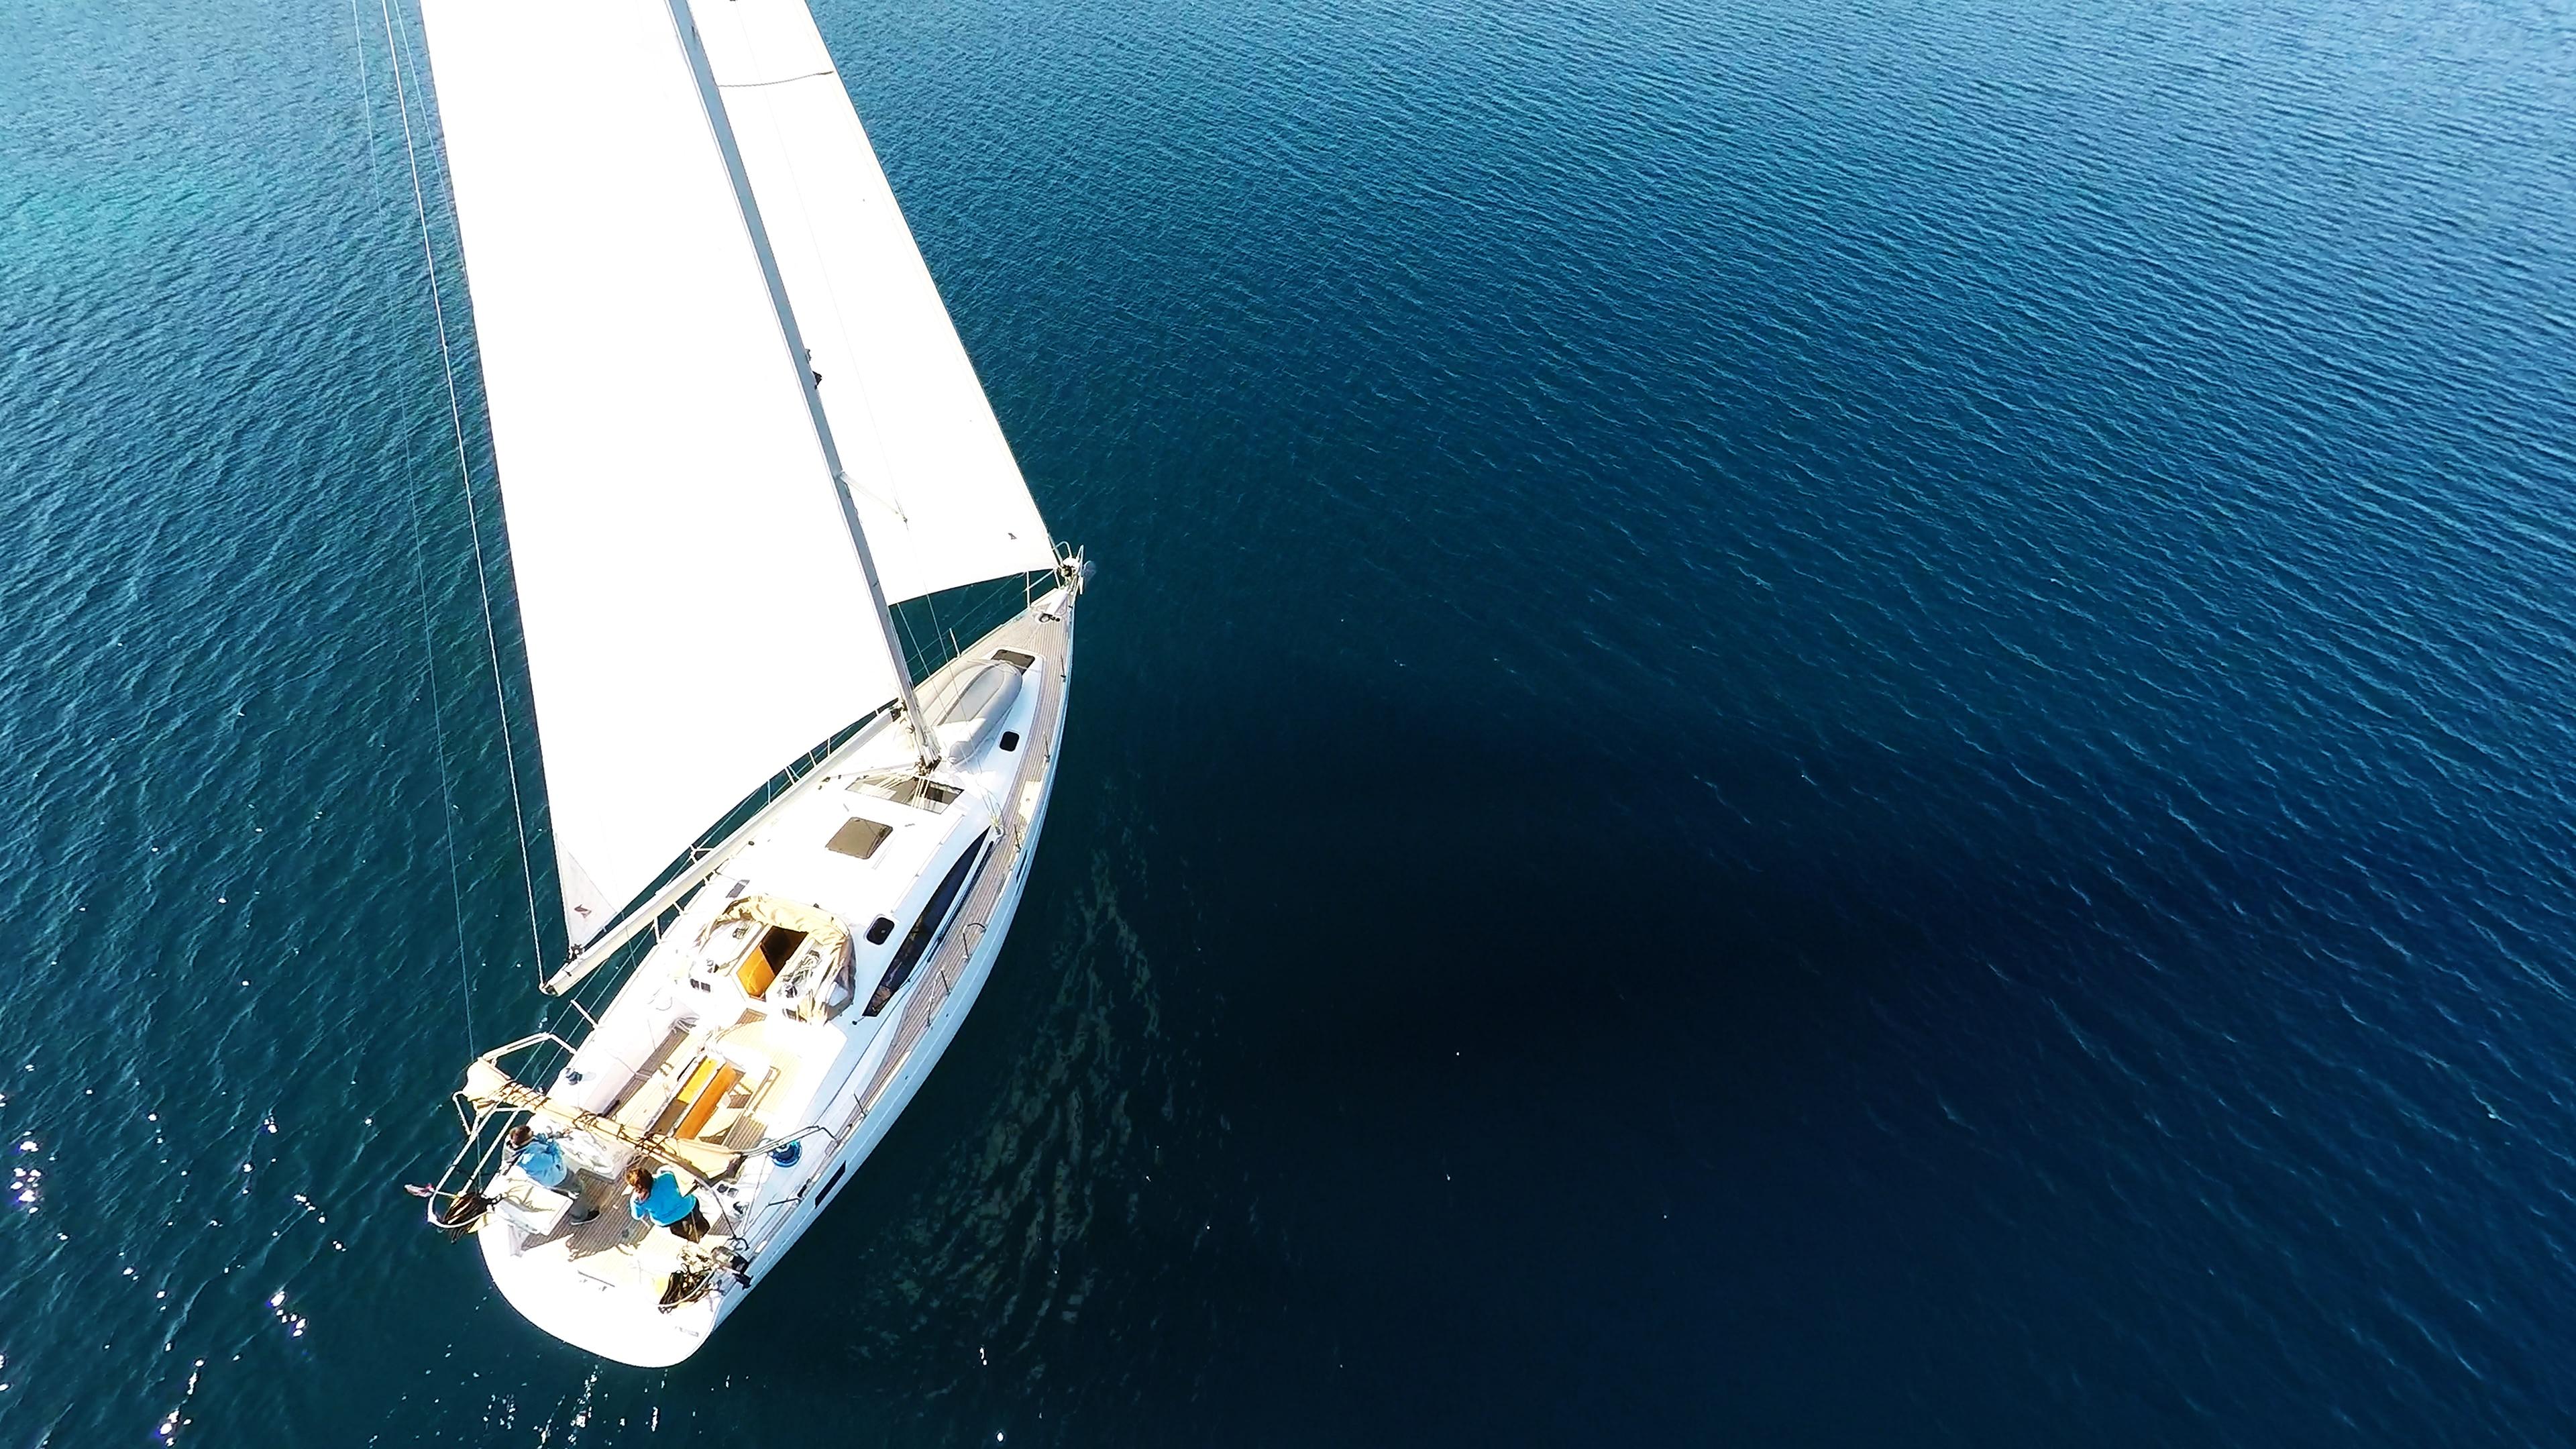 bateau à voile elan 45 impression voiles voilier bateau bateau à voile